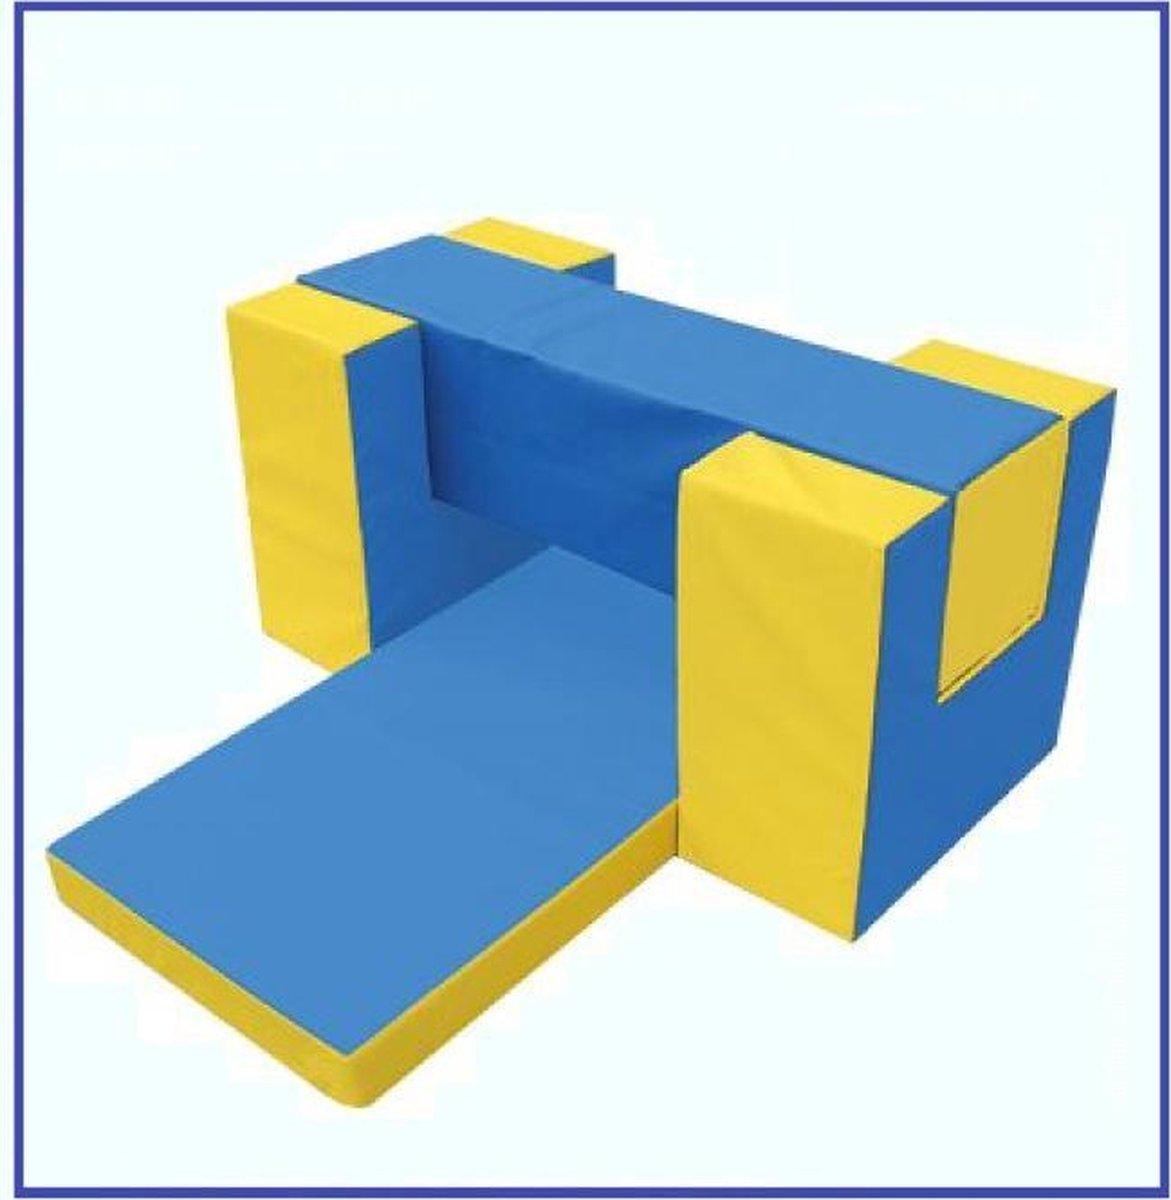 Basis Gymnastiek Set - Speel, Bouw & Zit schuim blokken / kussens / elementen / foam